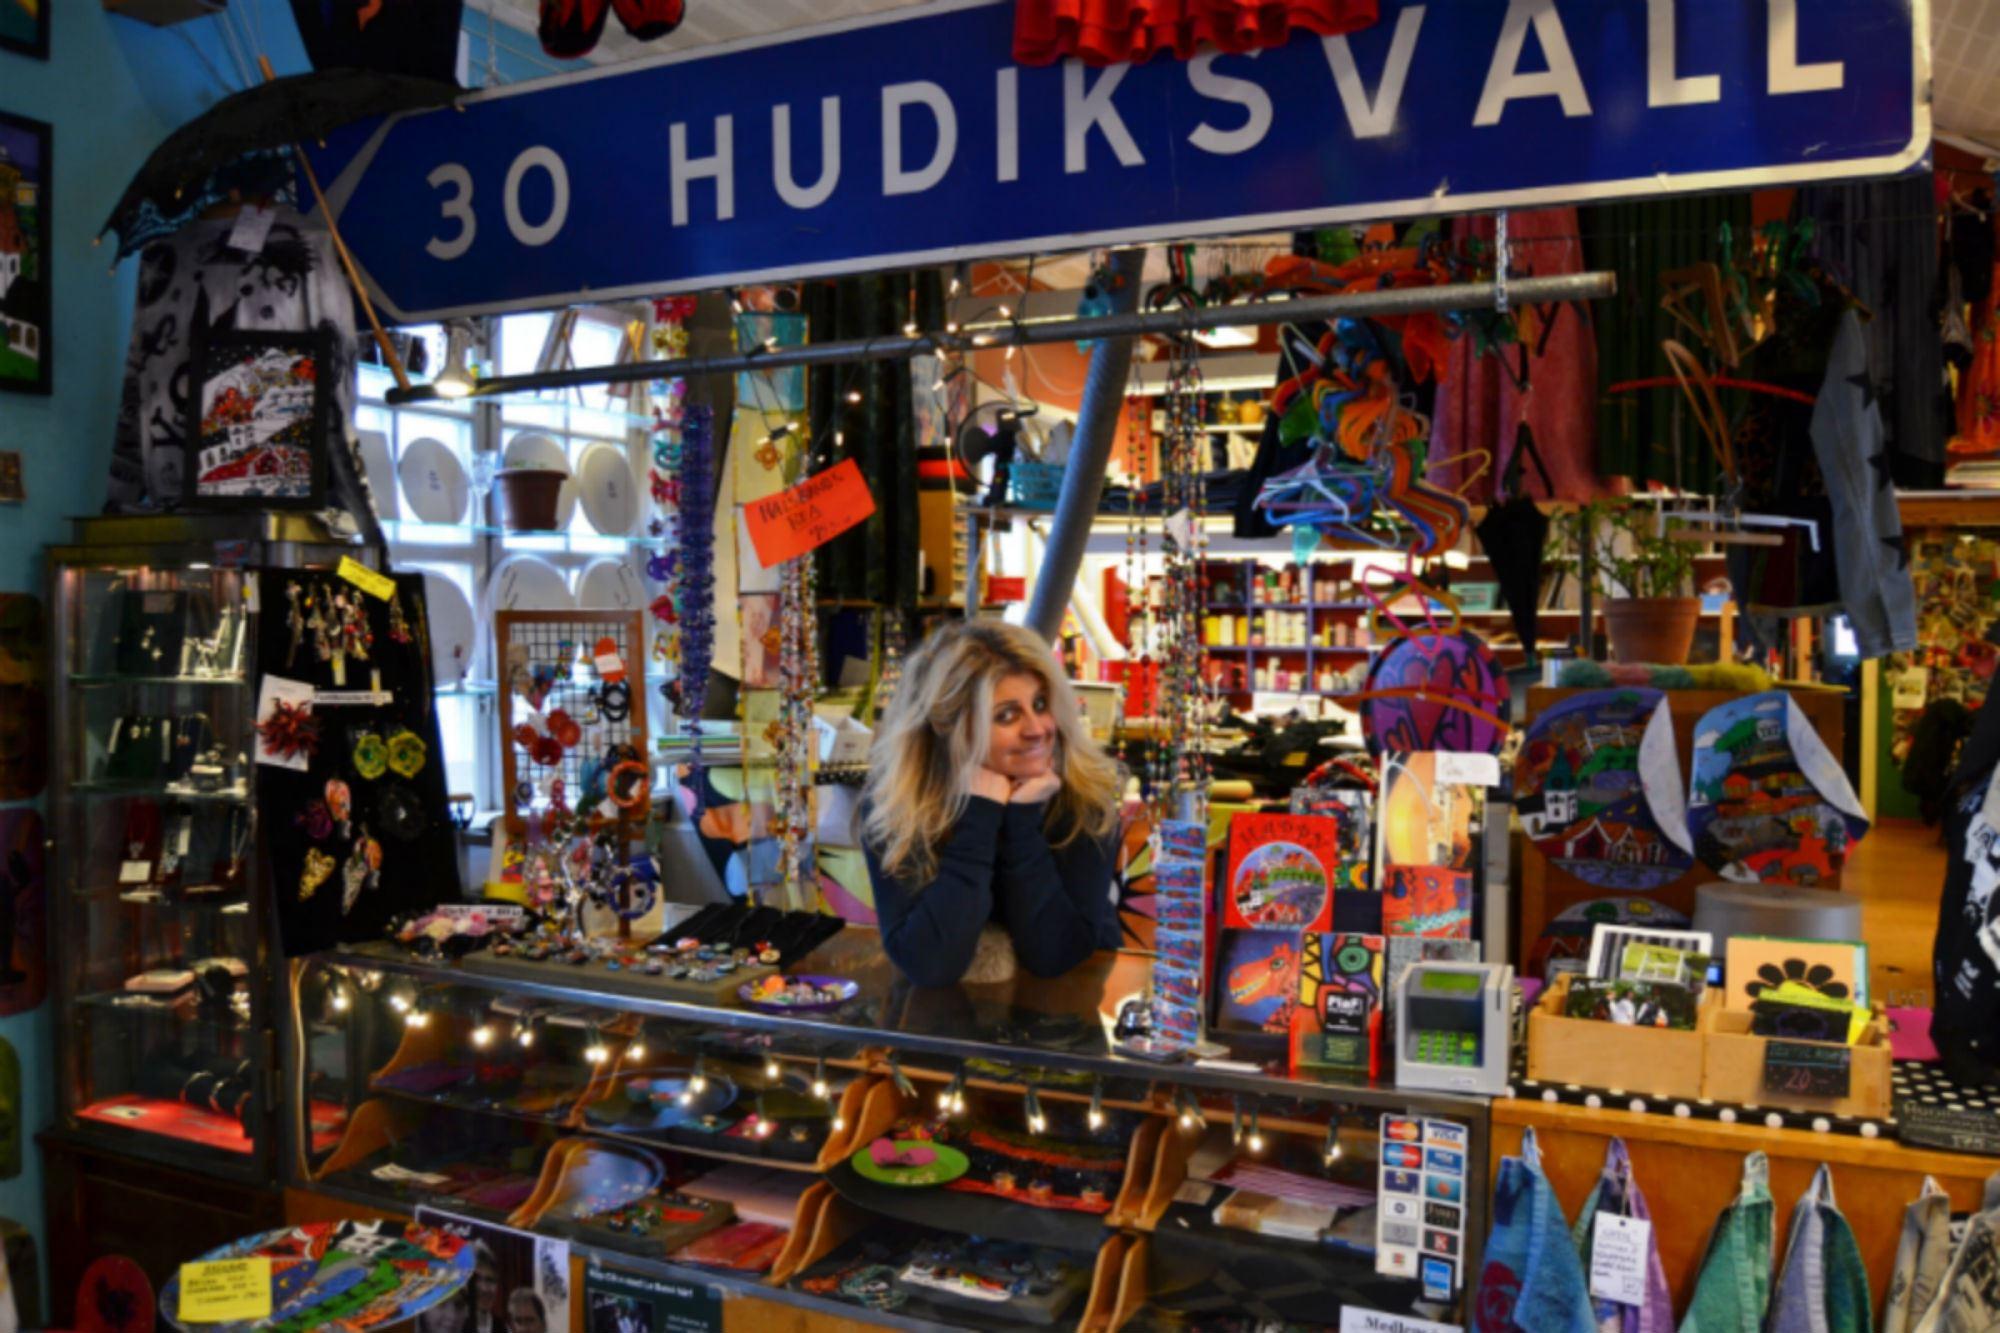 Ateljé & Butik Lilla Kyrkogatan 5 Hudiksvall, PiaF Design